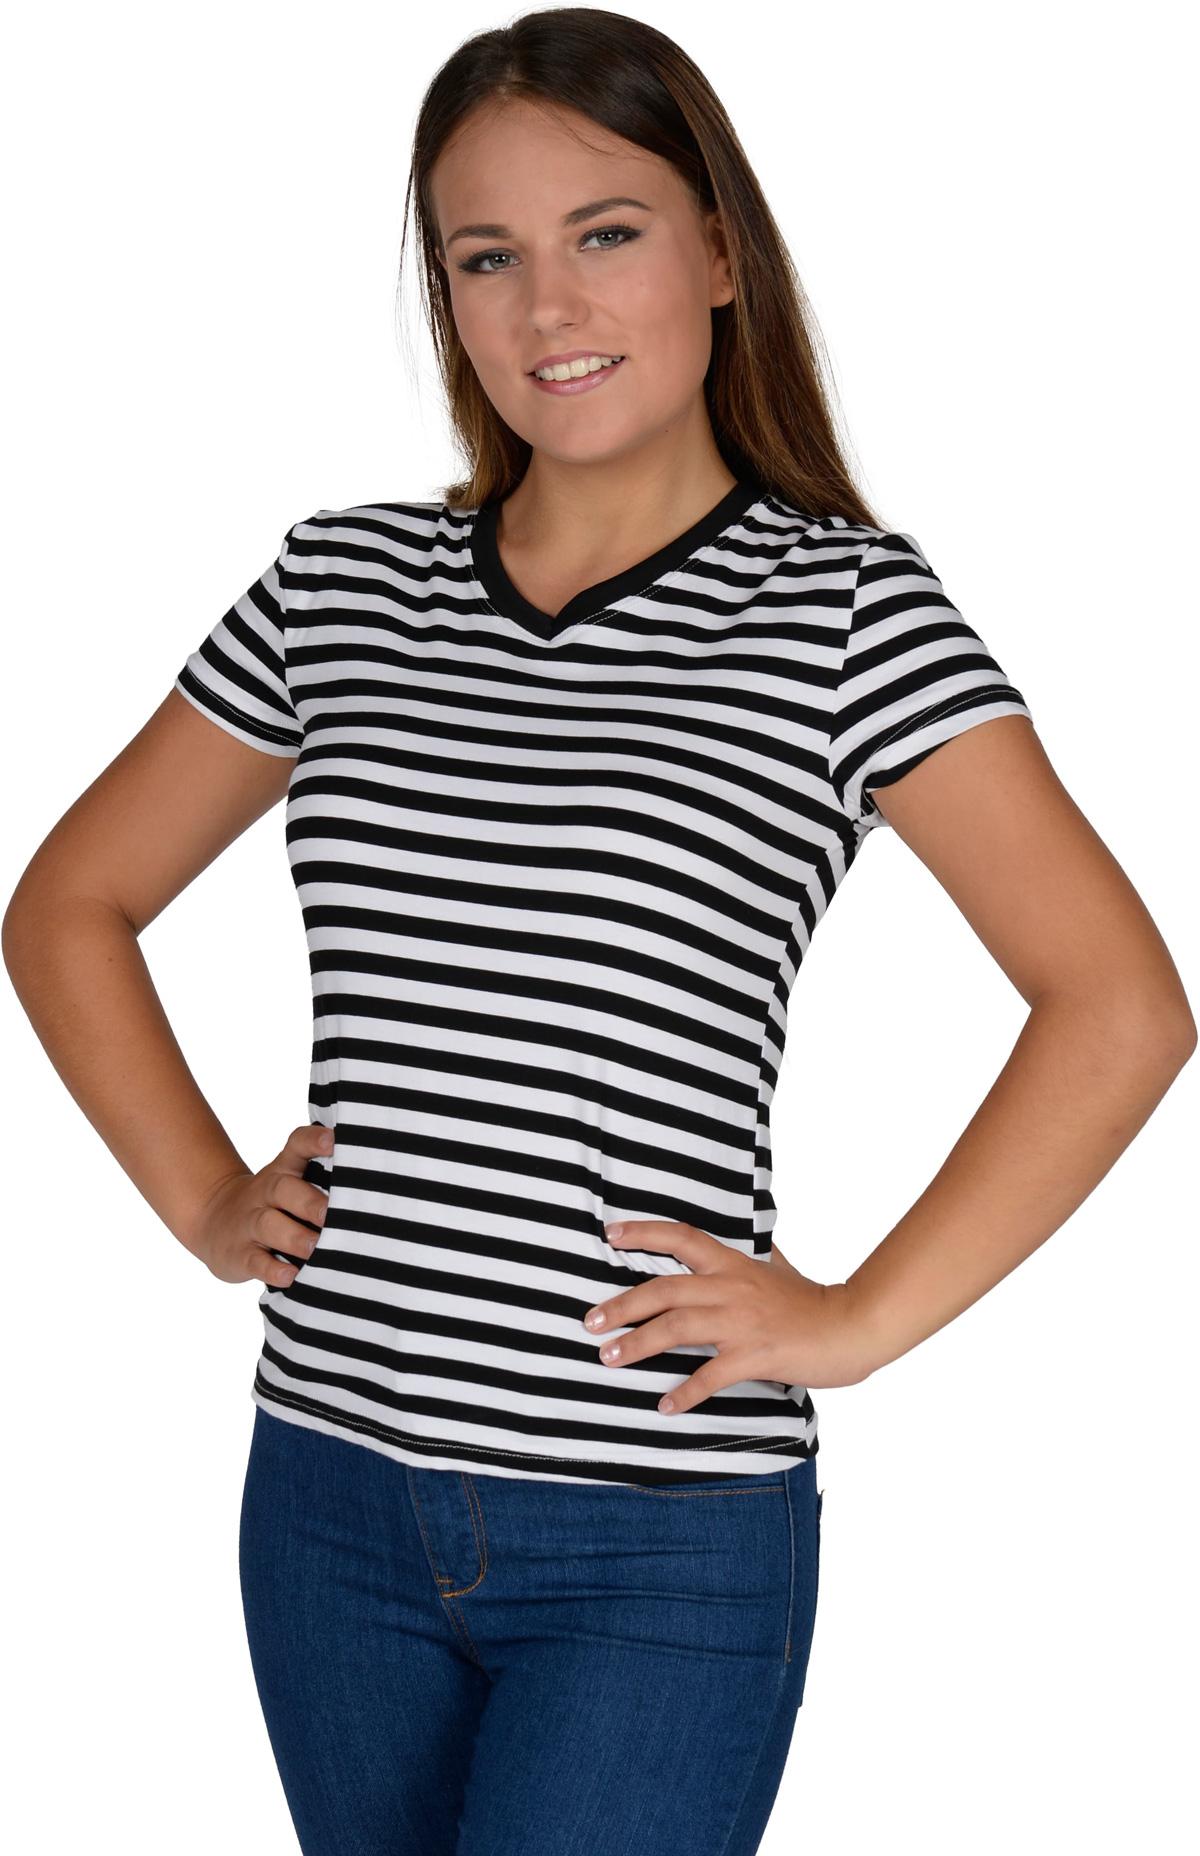 Uitzonderlijk T-shirt gestreept girlie zwart/wit bij karnevalswierts.com &WY56